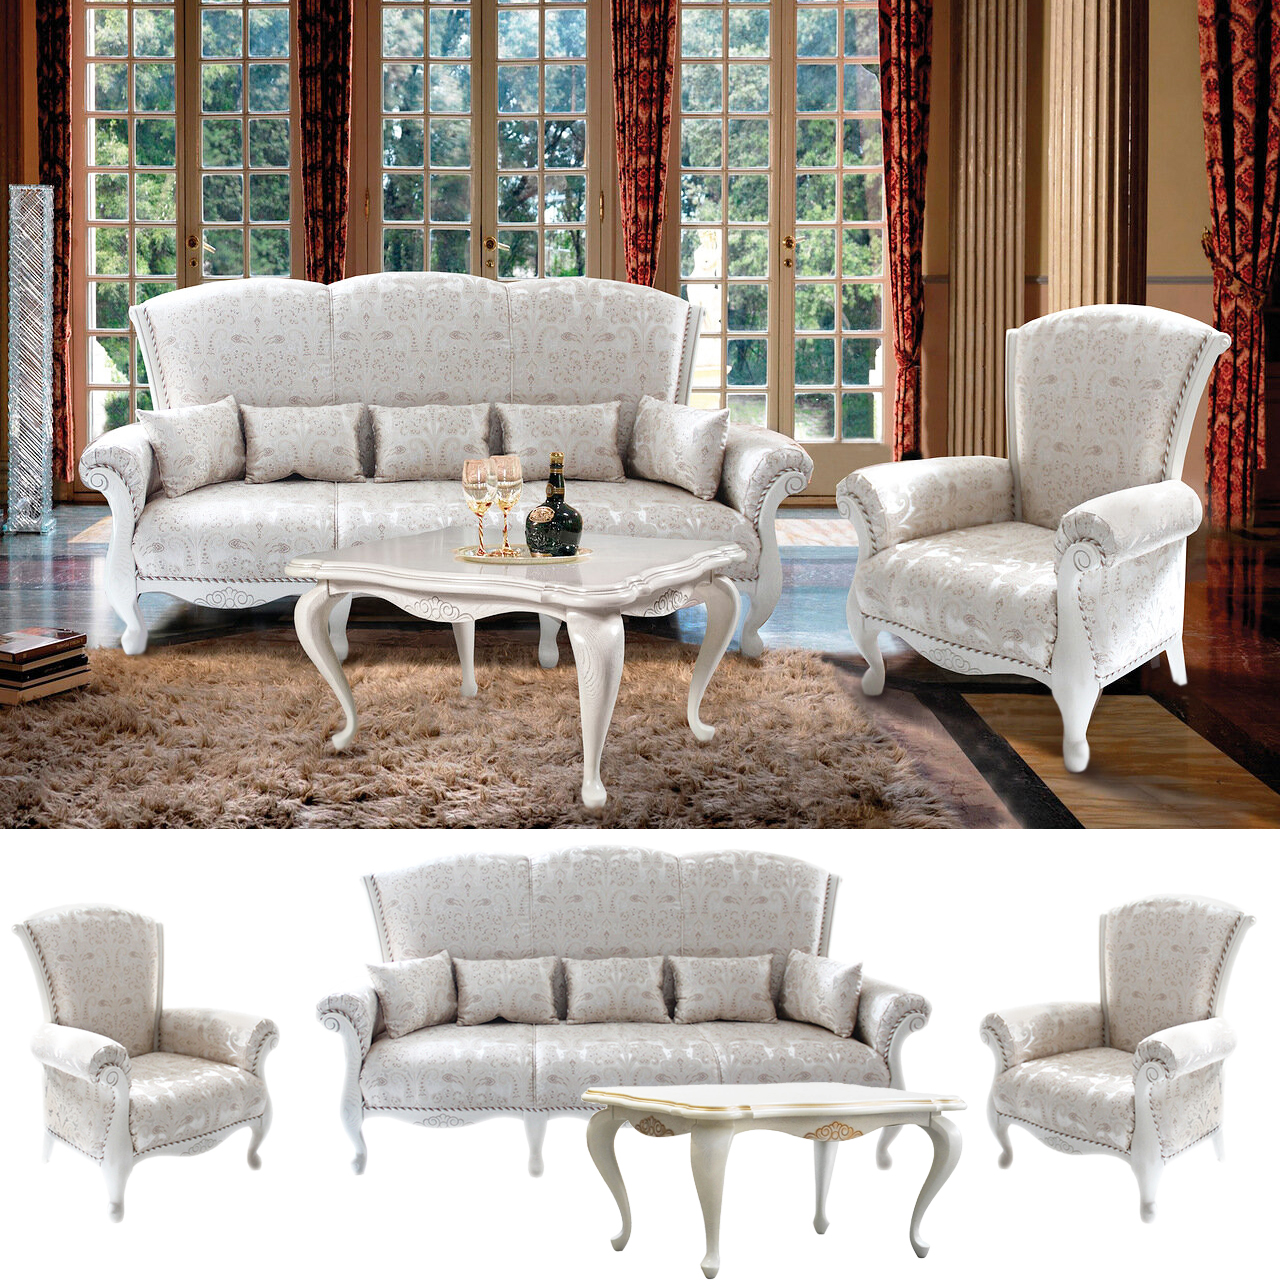 couchgarnitur polstermöbel schöne sofas couch stoff silber couch polstergarnitur